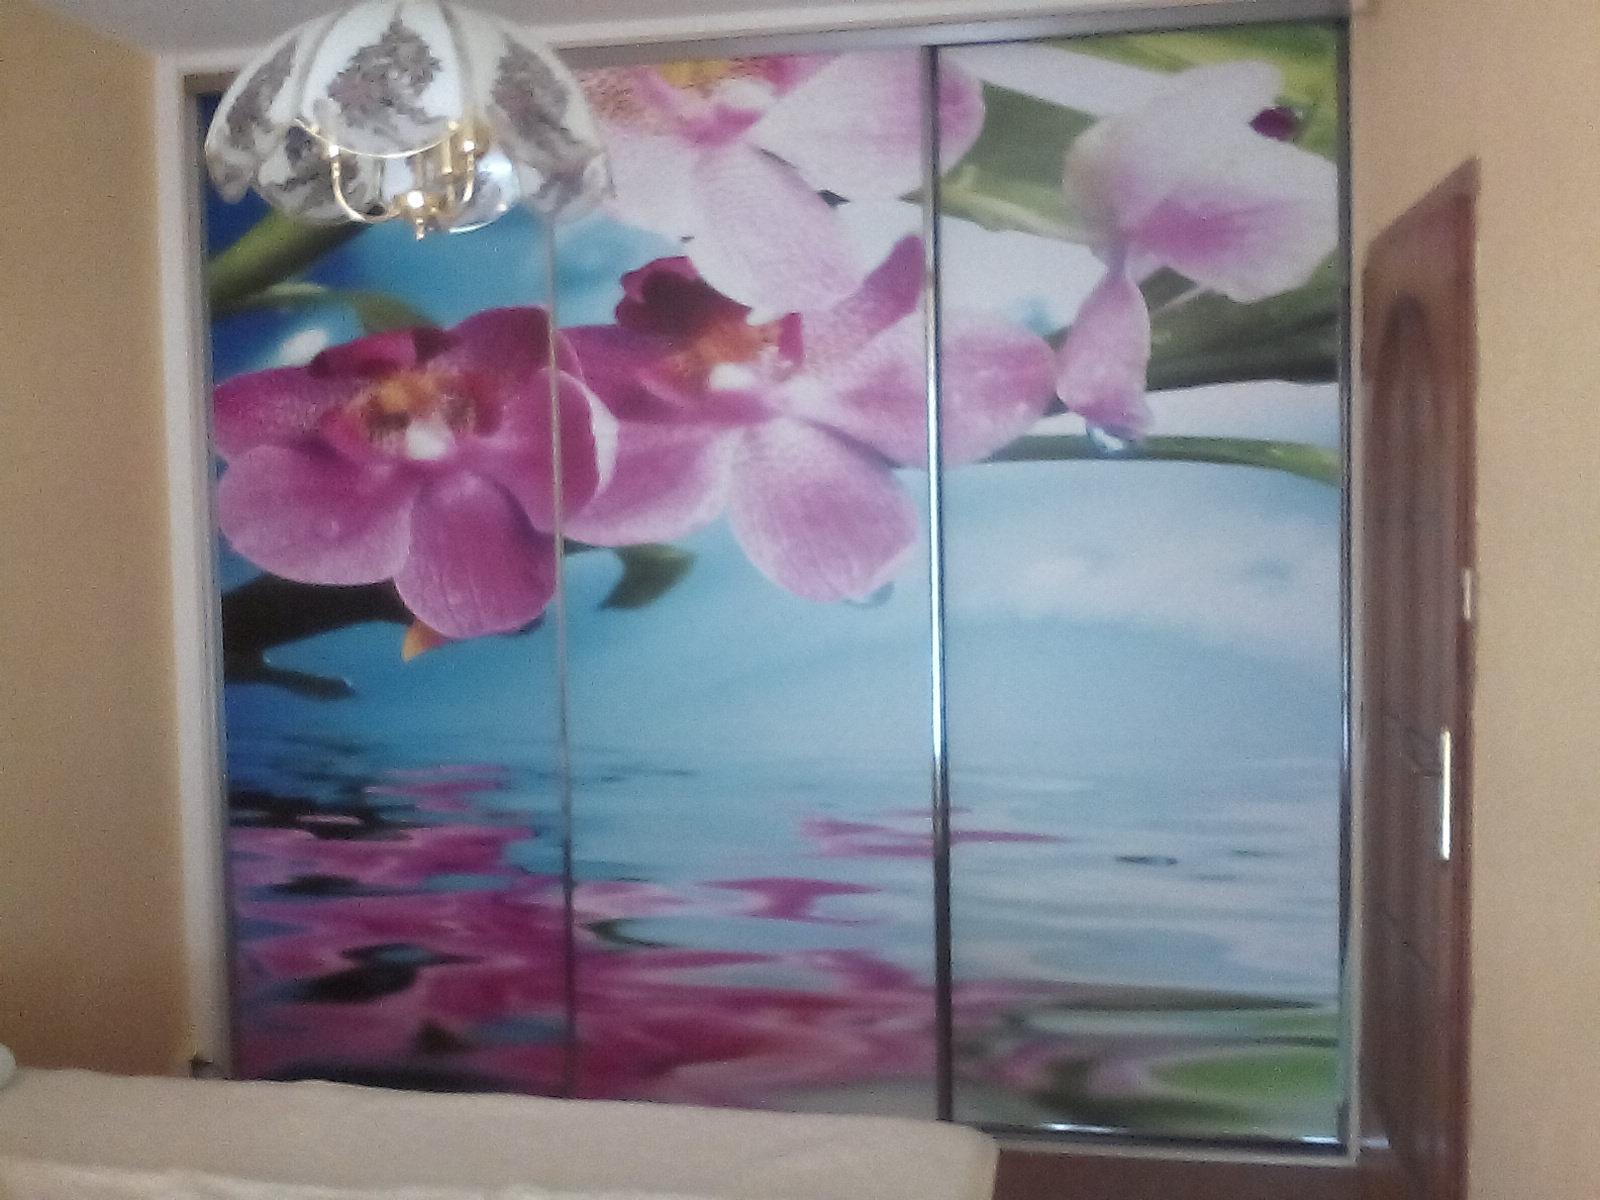 Fototapety na vestavěné skříne, nábytek, dveře - REALIZACE - Obrázek č. 44